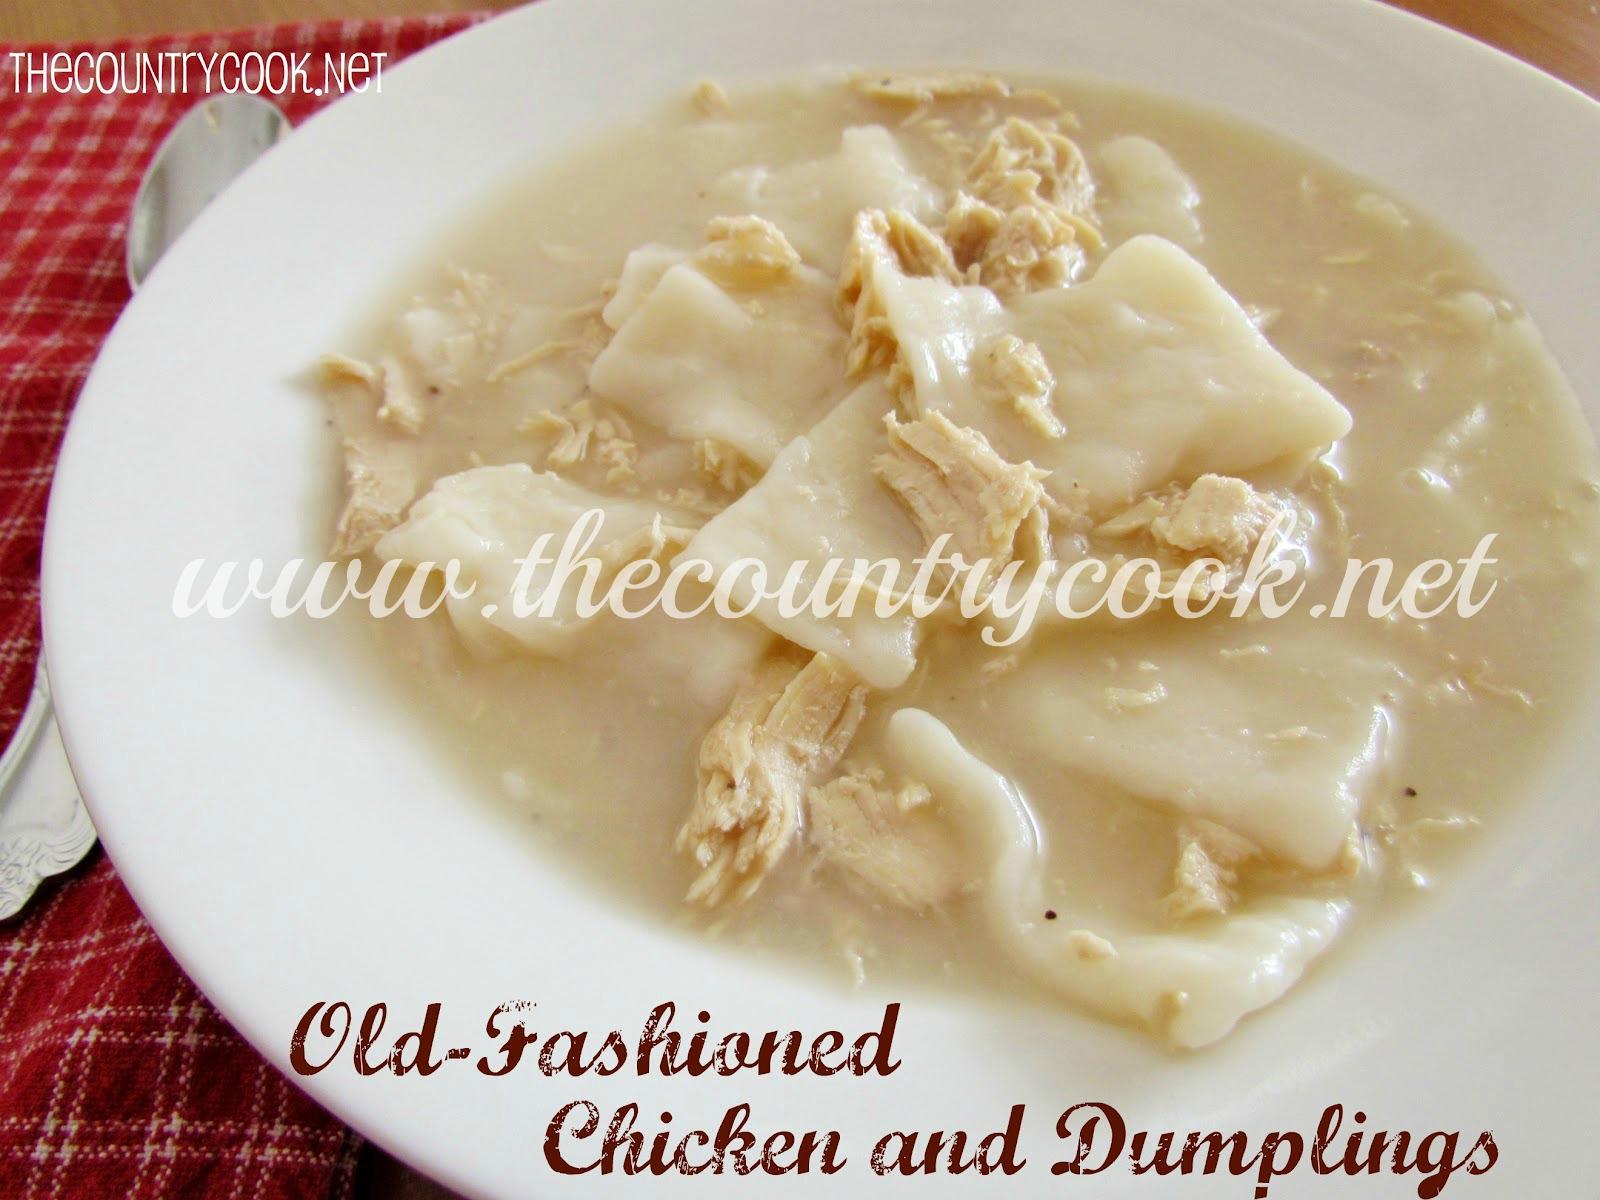 dumplings bacon chicken and dumplings southern chicken and dumplings